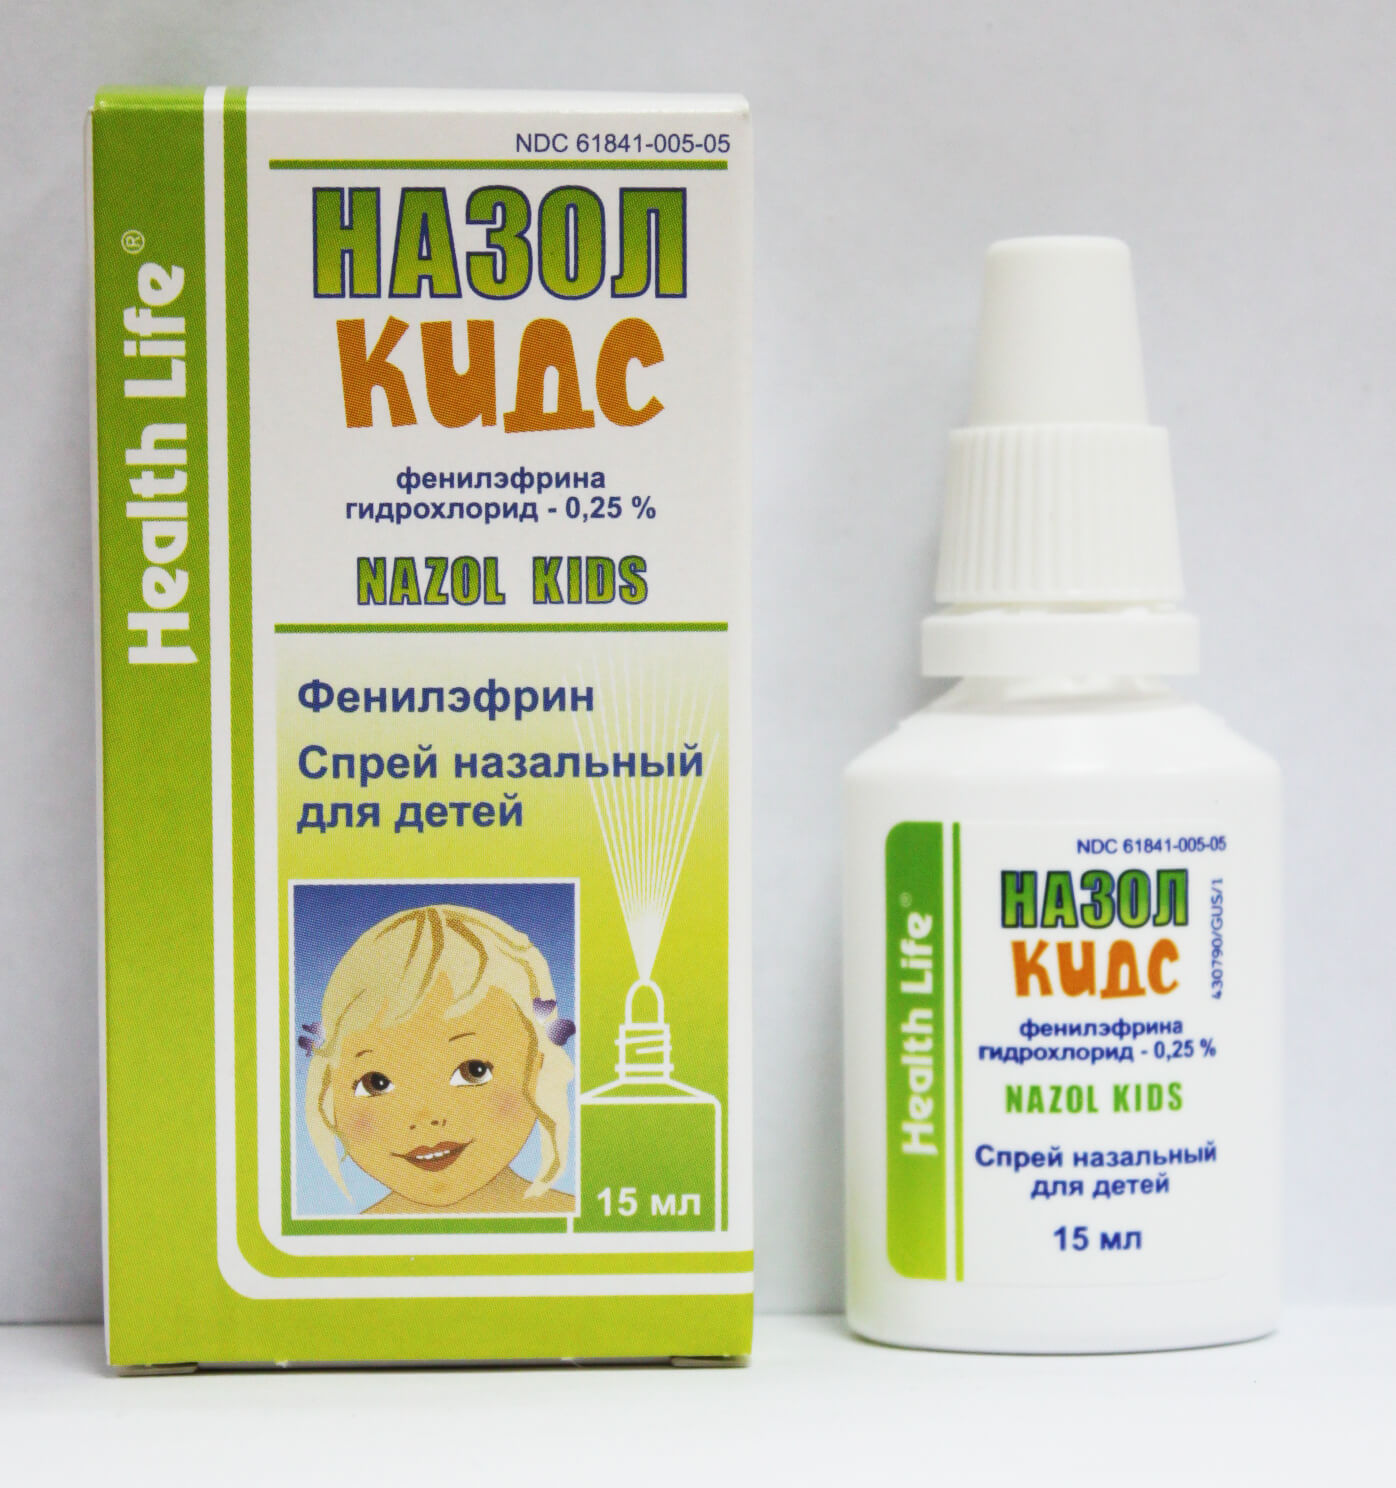 Назол Кидс: инструкция по применению препарата